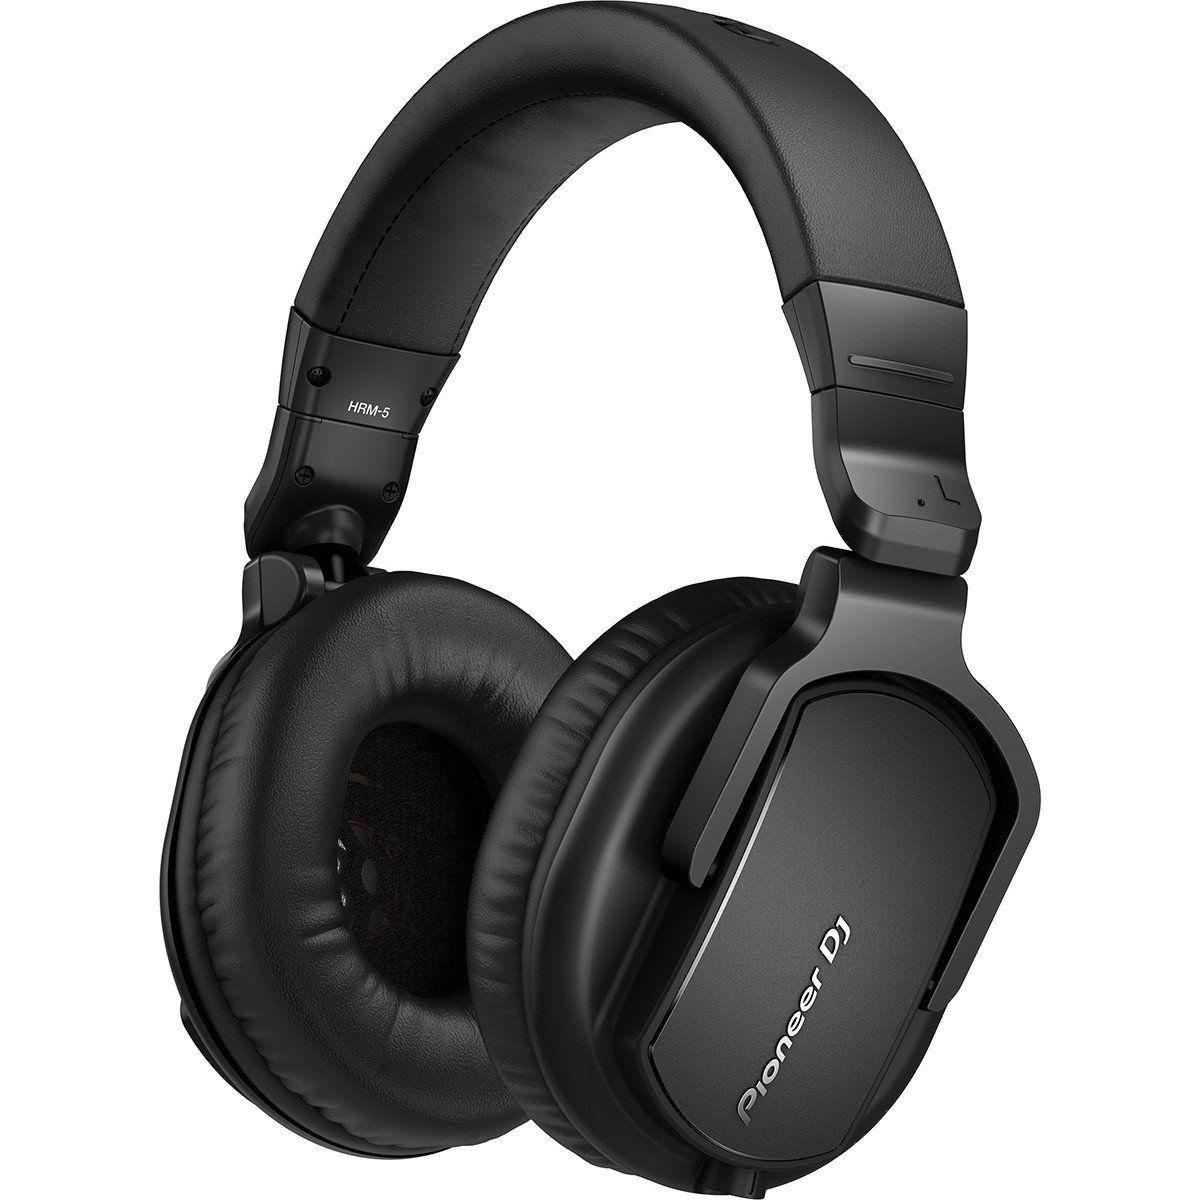 Pioneer HRM 5 Fone de Ouvido HRM-5 Profissional Fechado para Estúdio com Isolamento